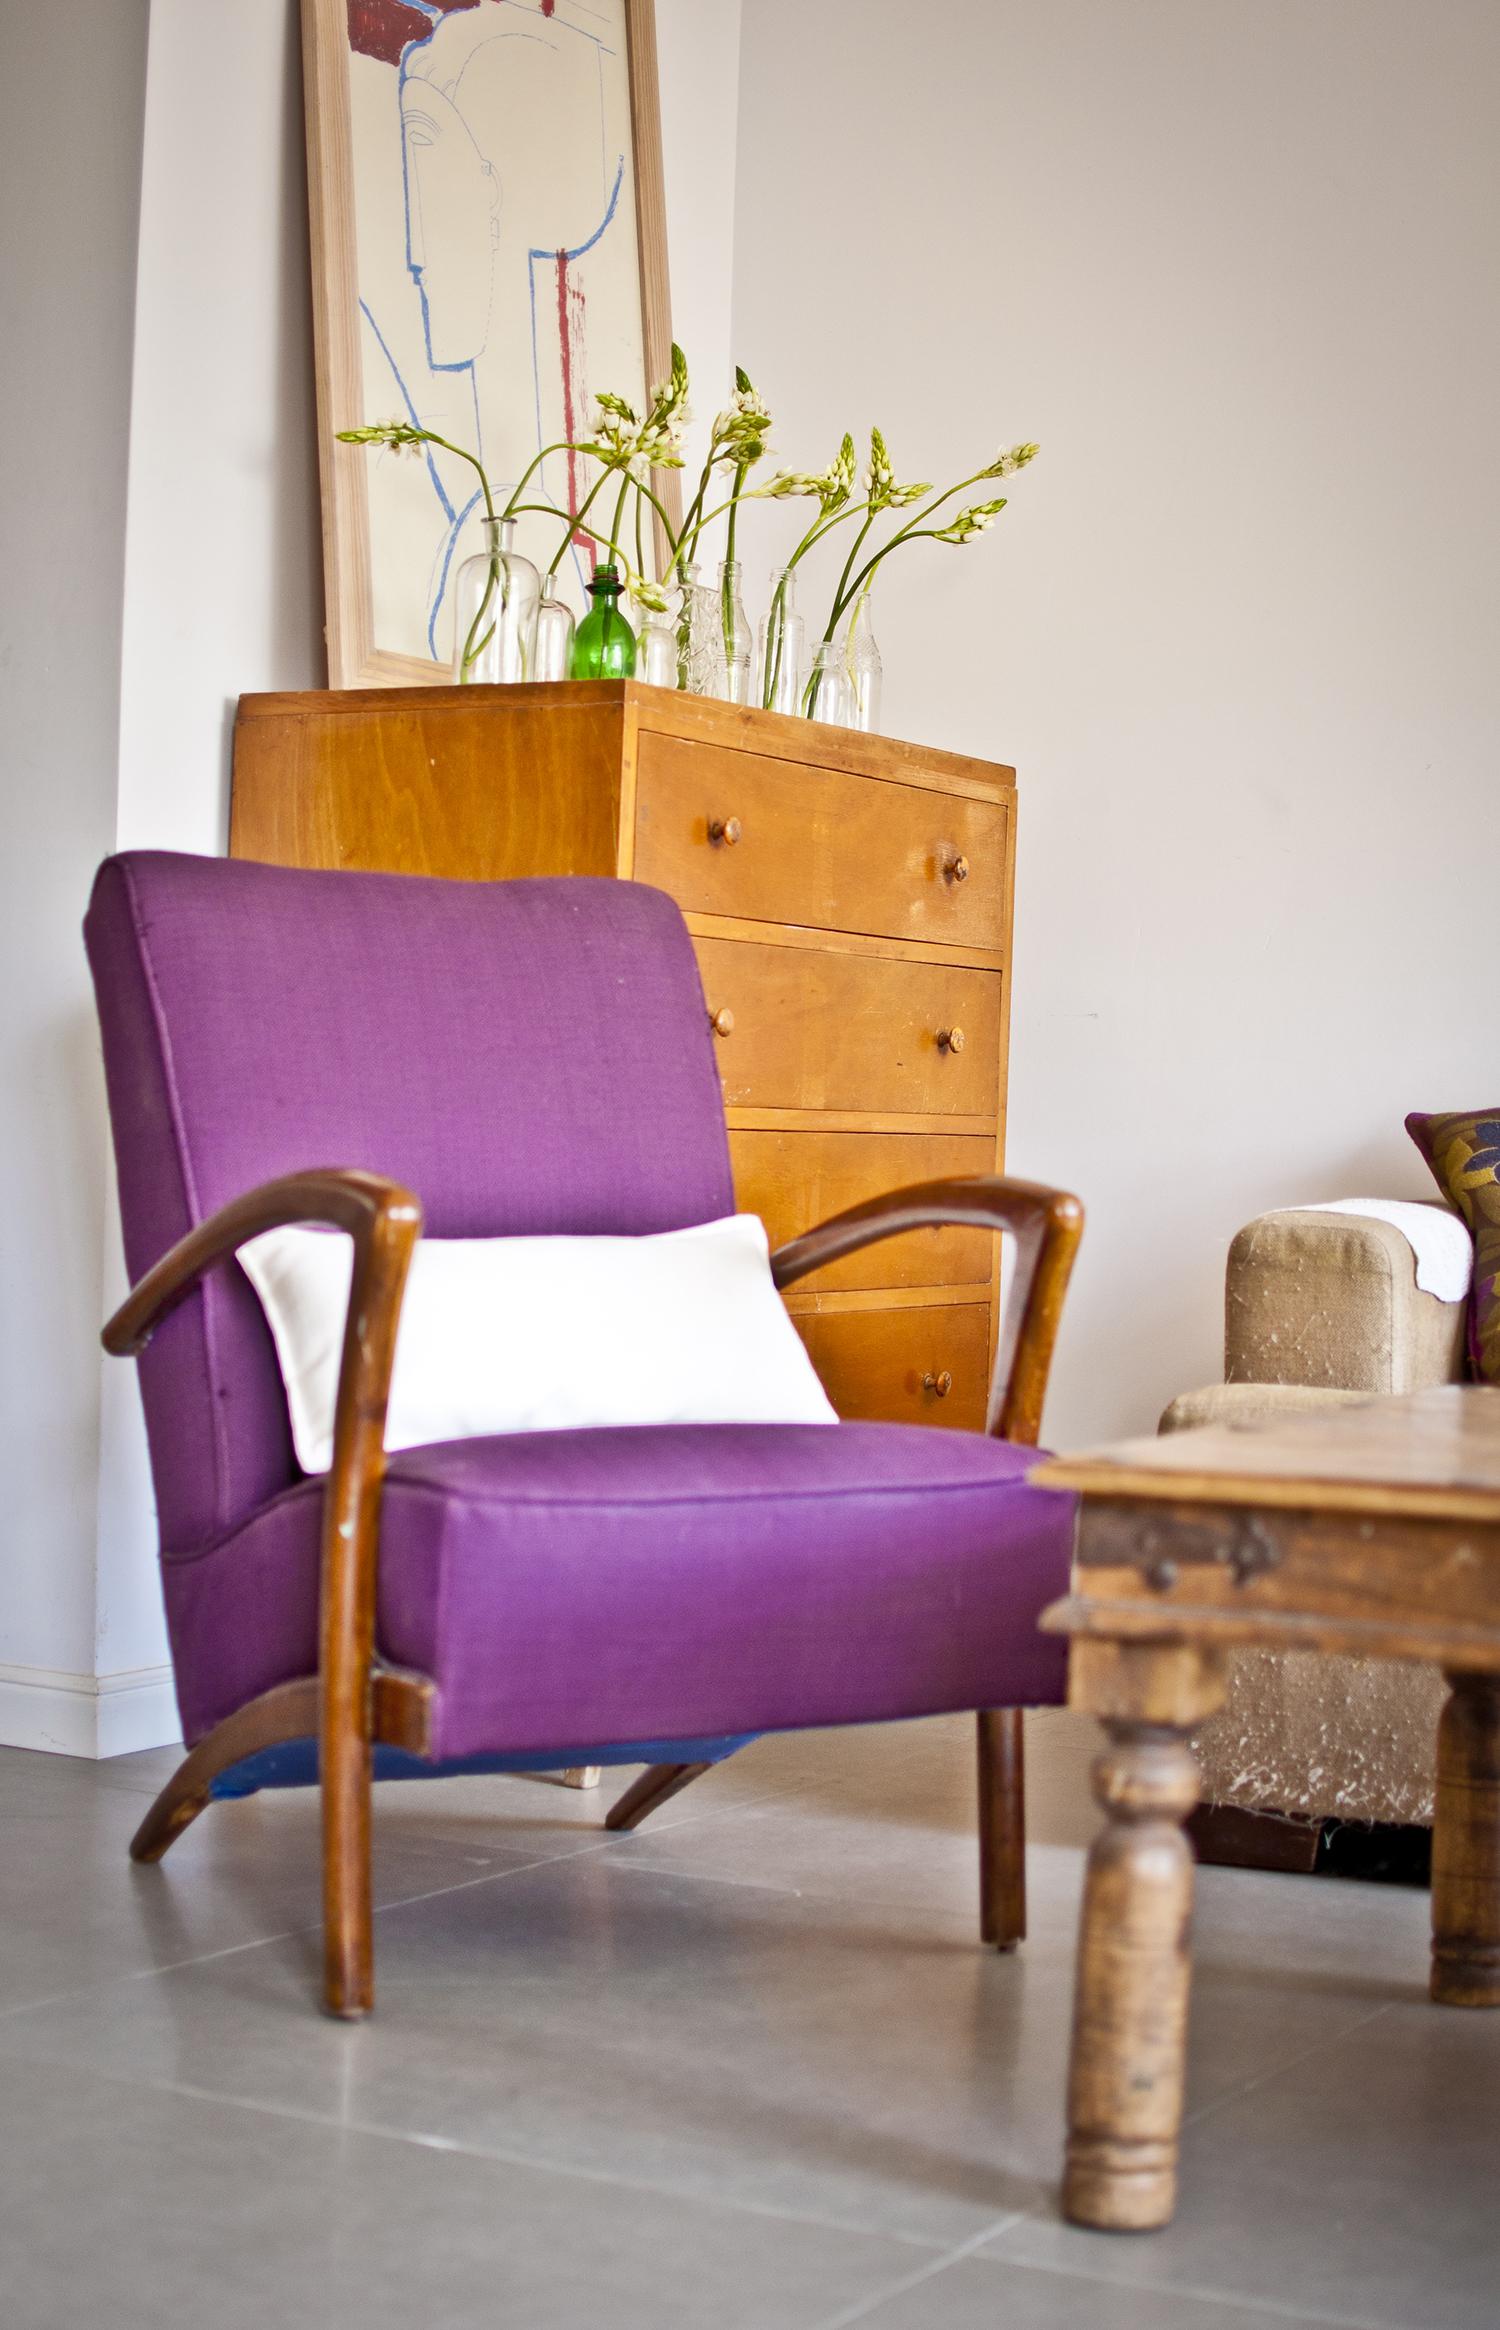 כורסא וינטג' סגולה בסלון